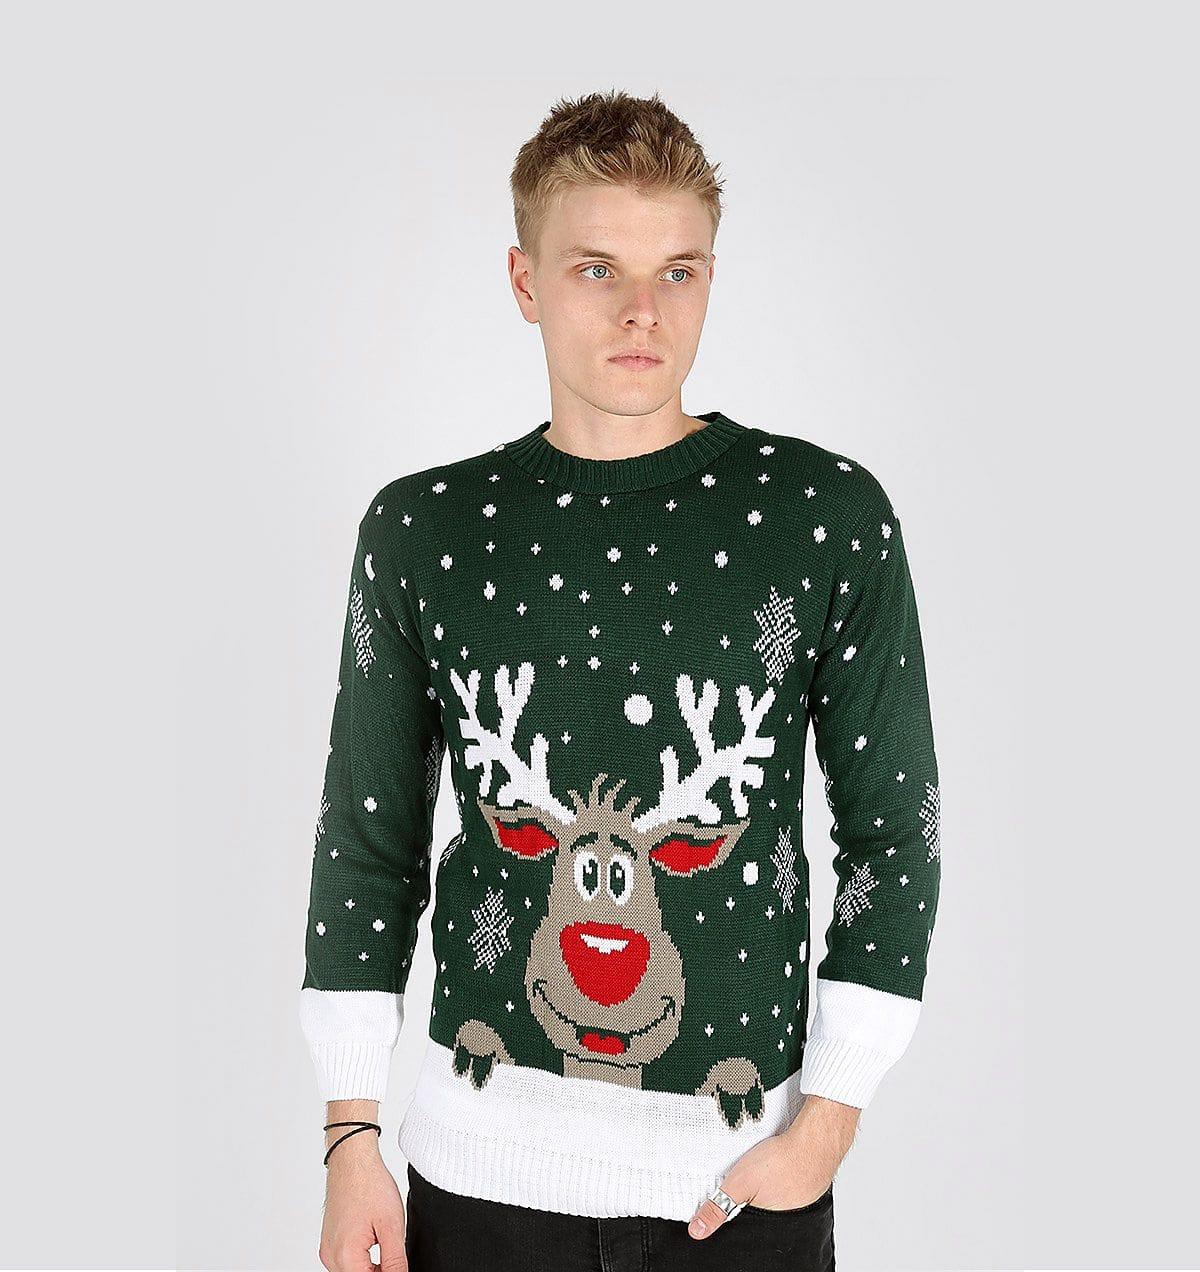 4dca978d3d1d5 Свитер с прикольным принтом нравится многим мужчинам Мужской свитер с  оленями на новогоднюю тематику весьма популярен в период зимних праздников